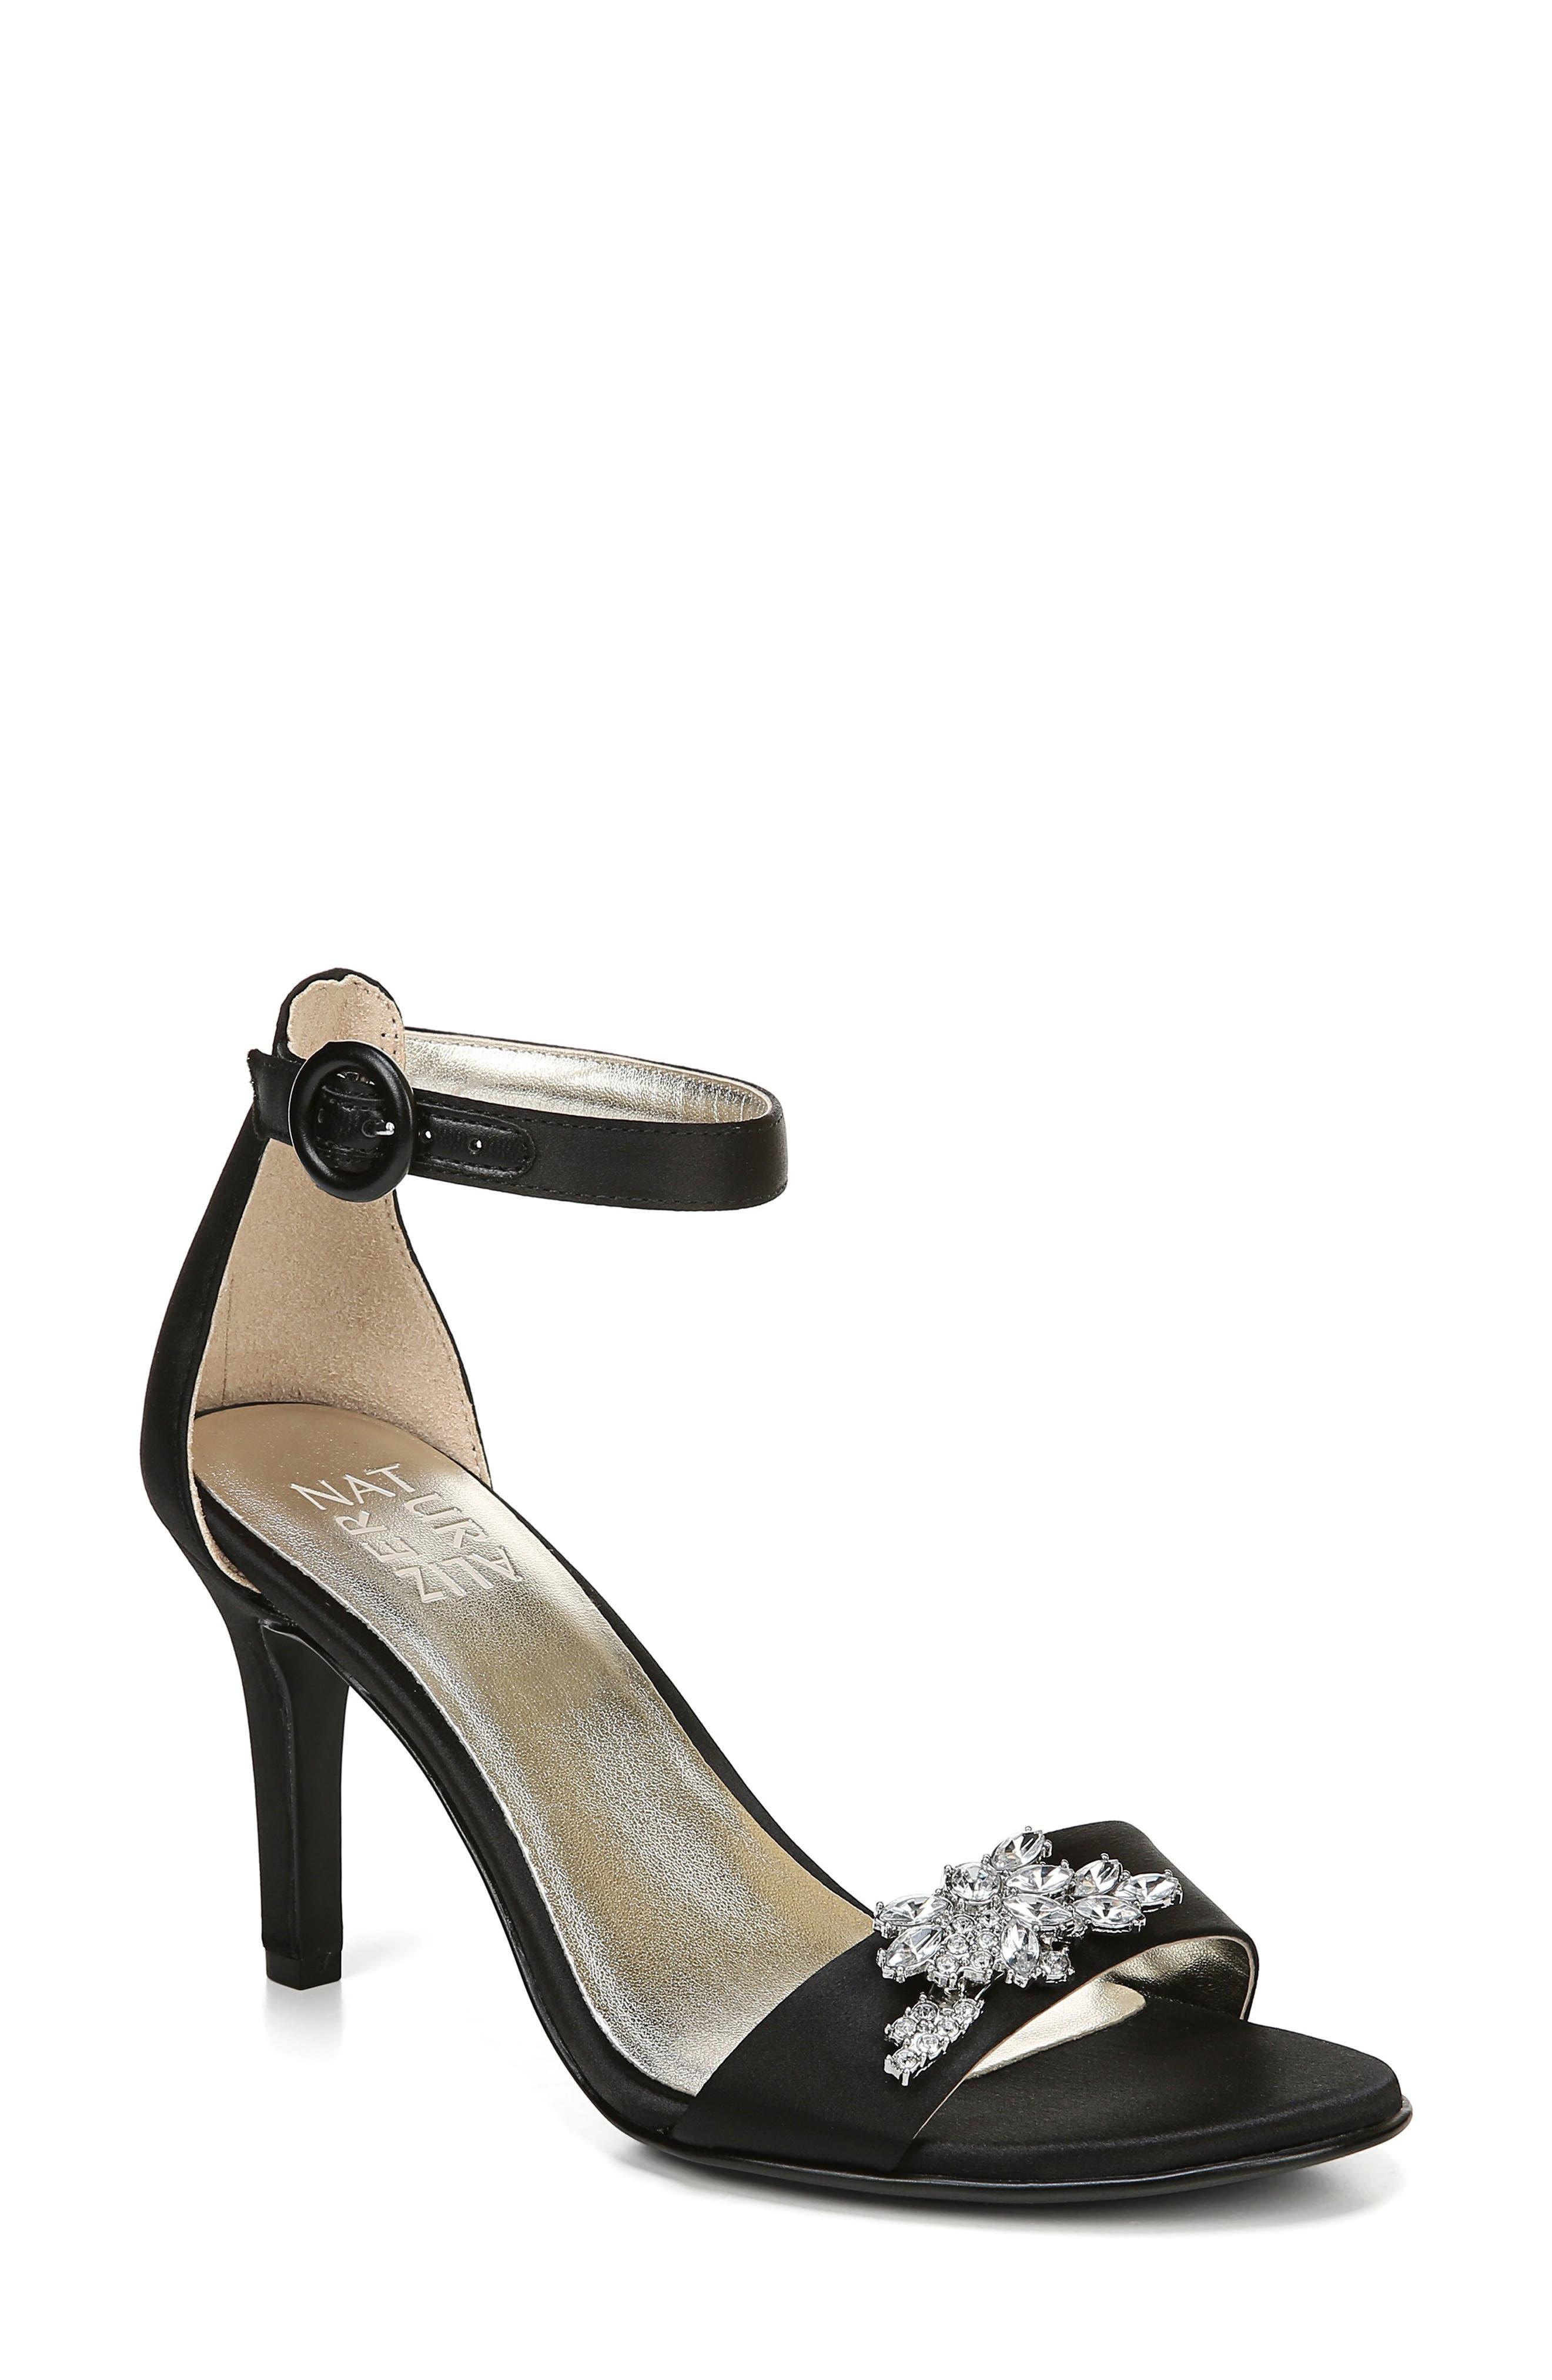 9dc6515c55ce Women s Naturalizer Dress Sandals